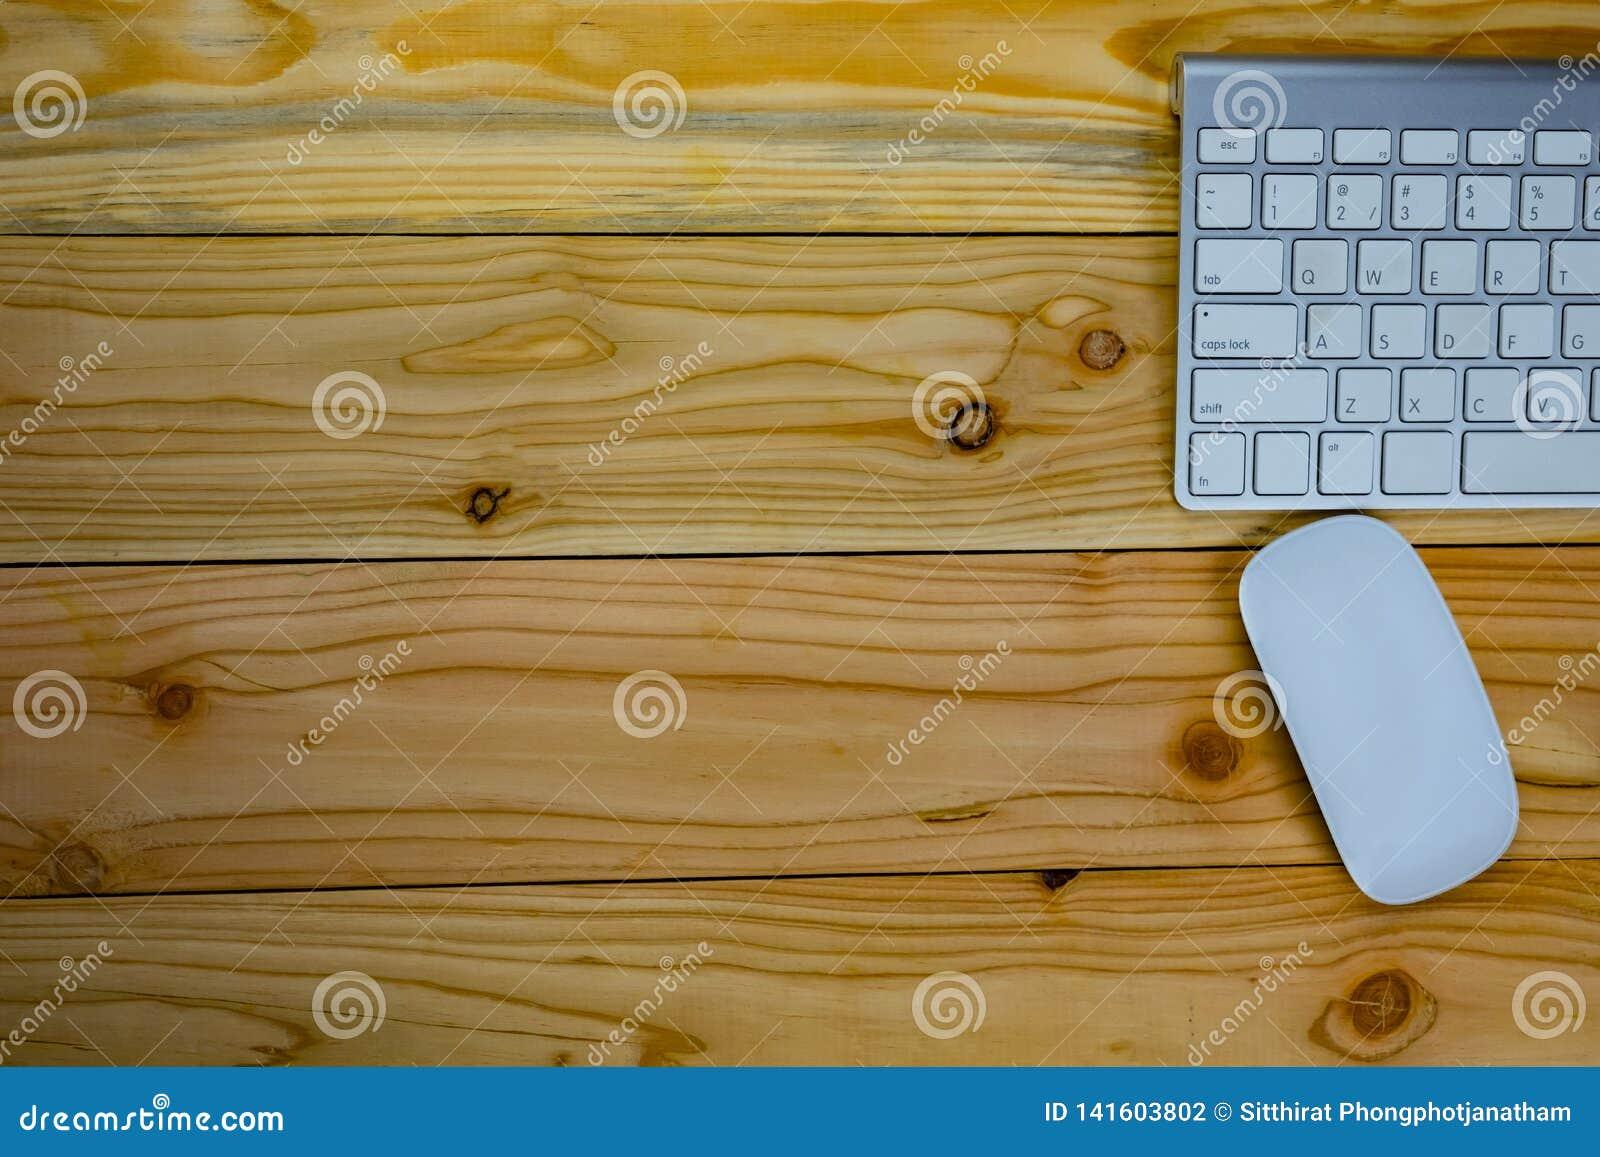 Odgórny widok pracujący biurko stół z keybord, mysz